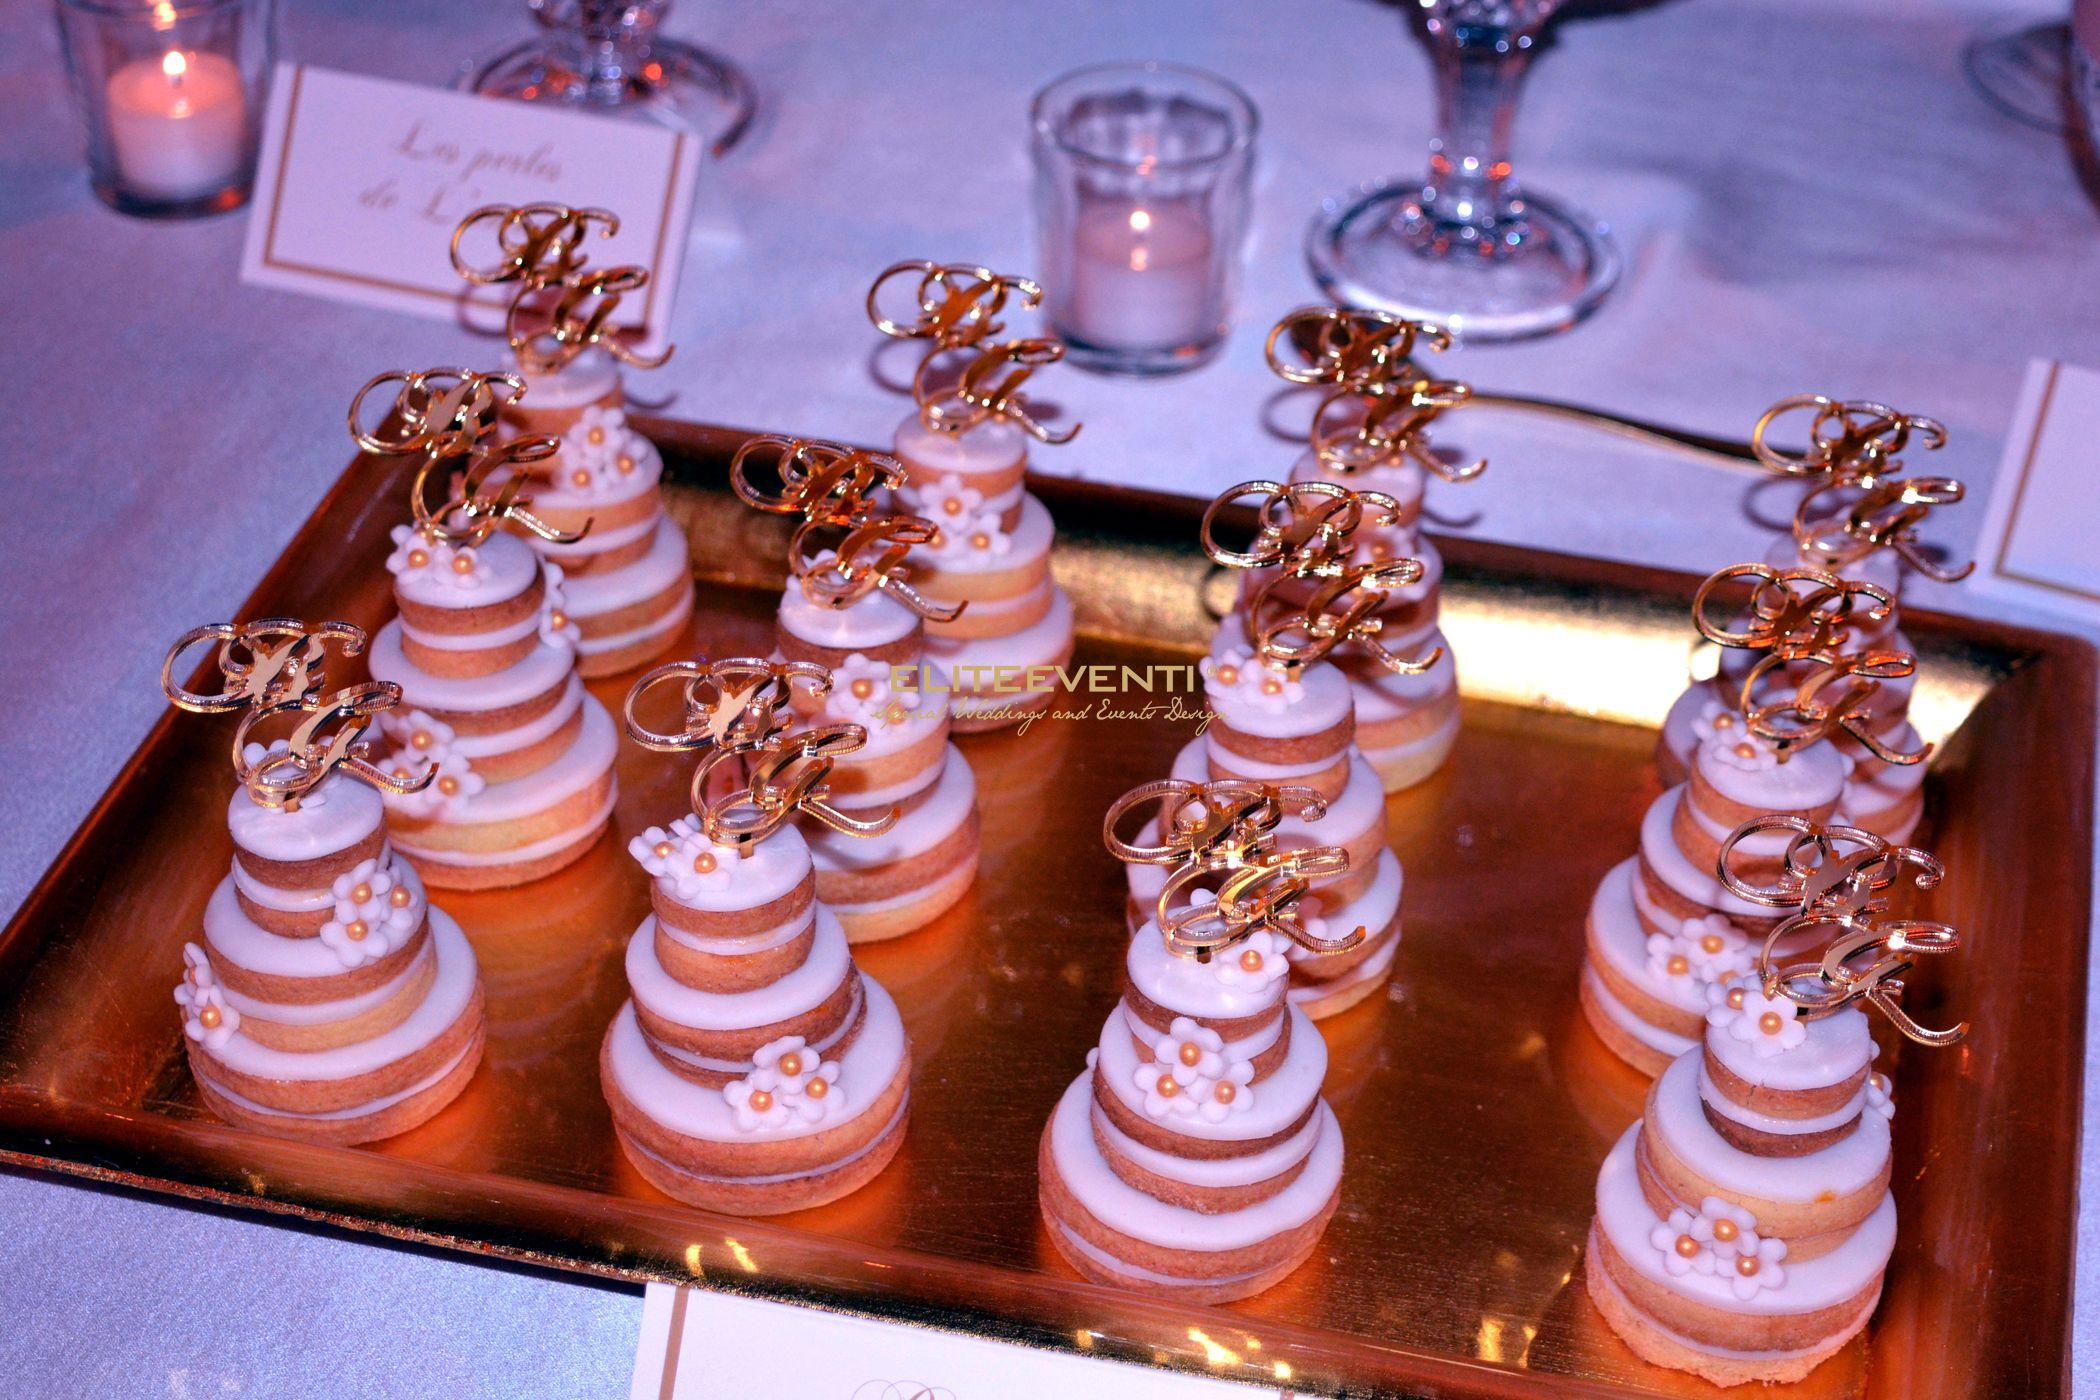 Dettaglio mini torte nuziali by Eliteeventi